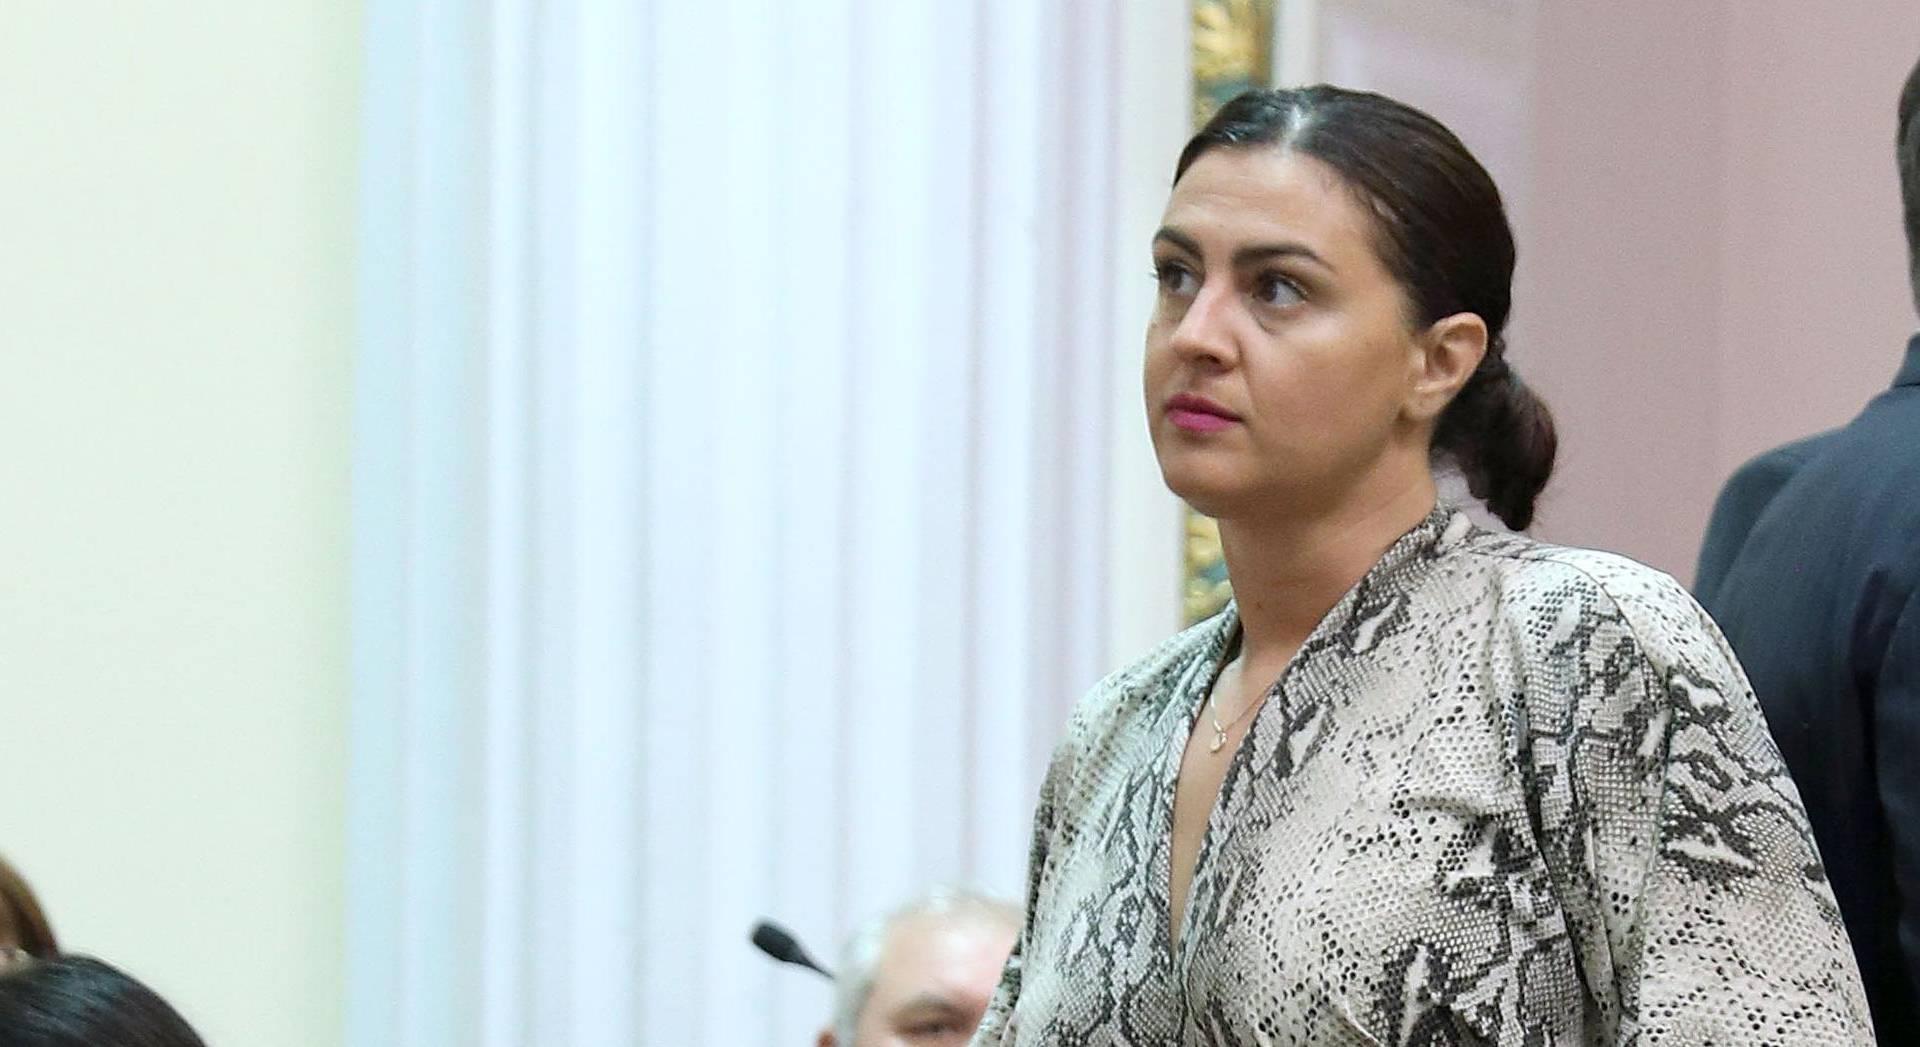 Zagreb: Odabir modne kombinacije Ivane Ninčević Lesardić za današnju sjednicu